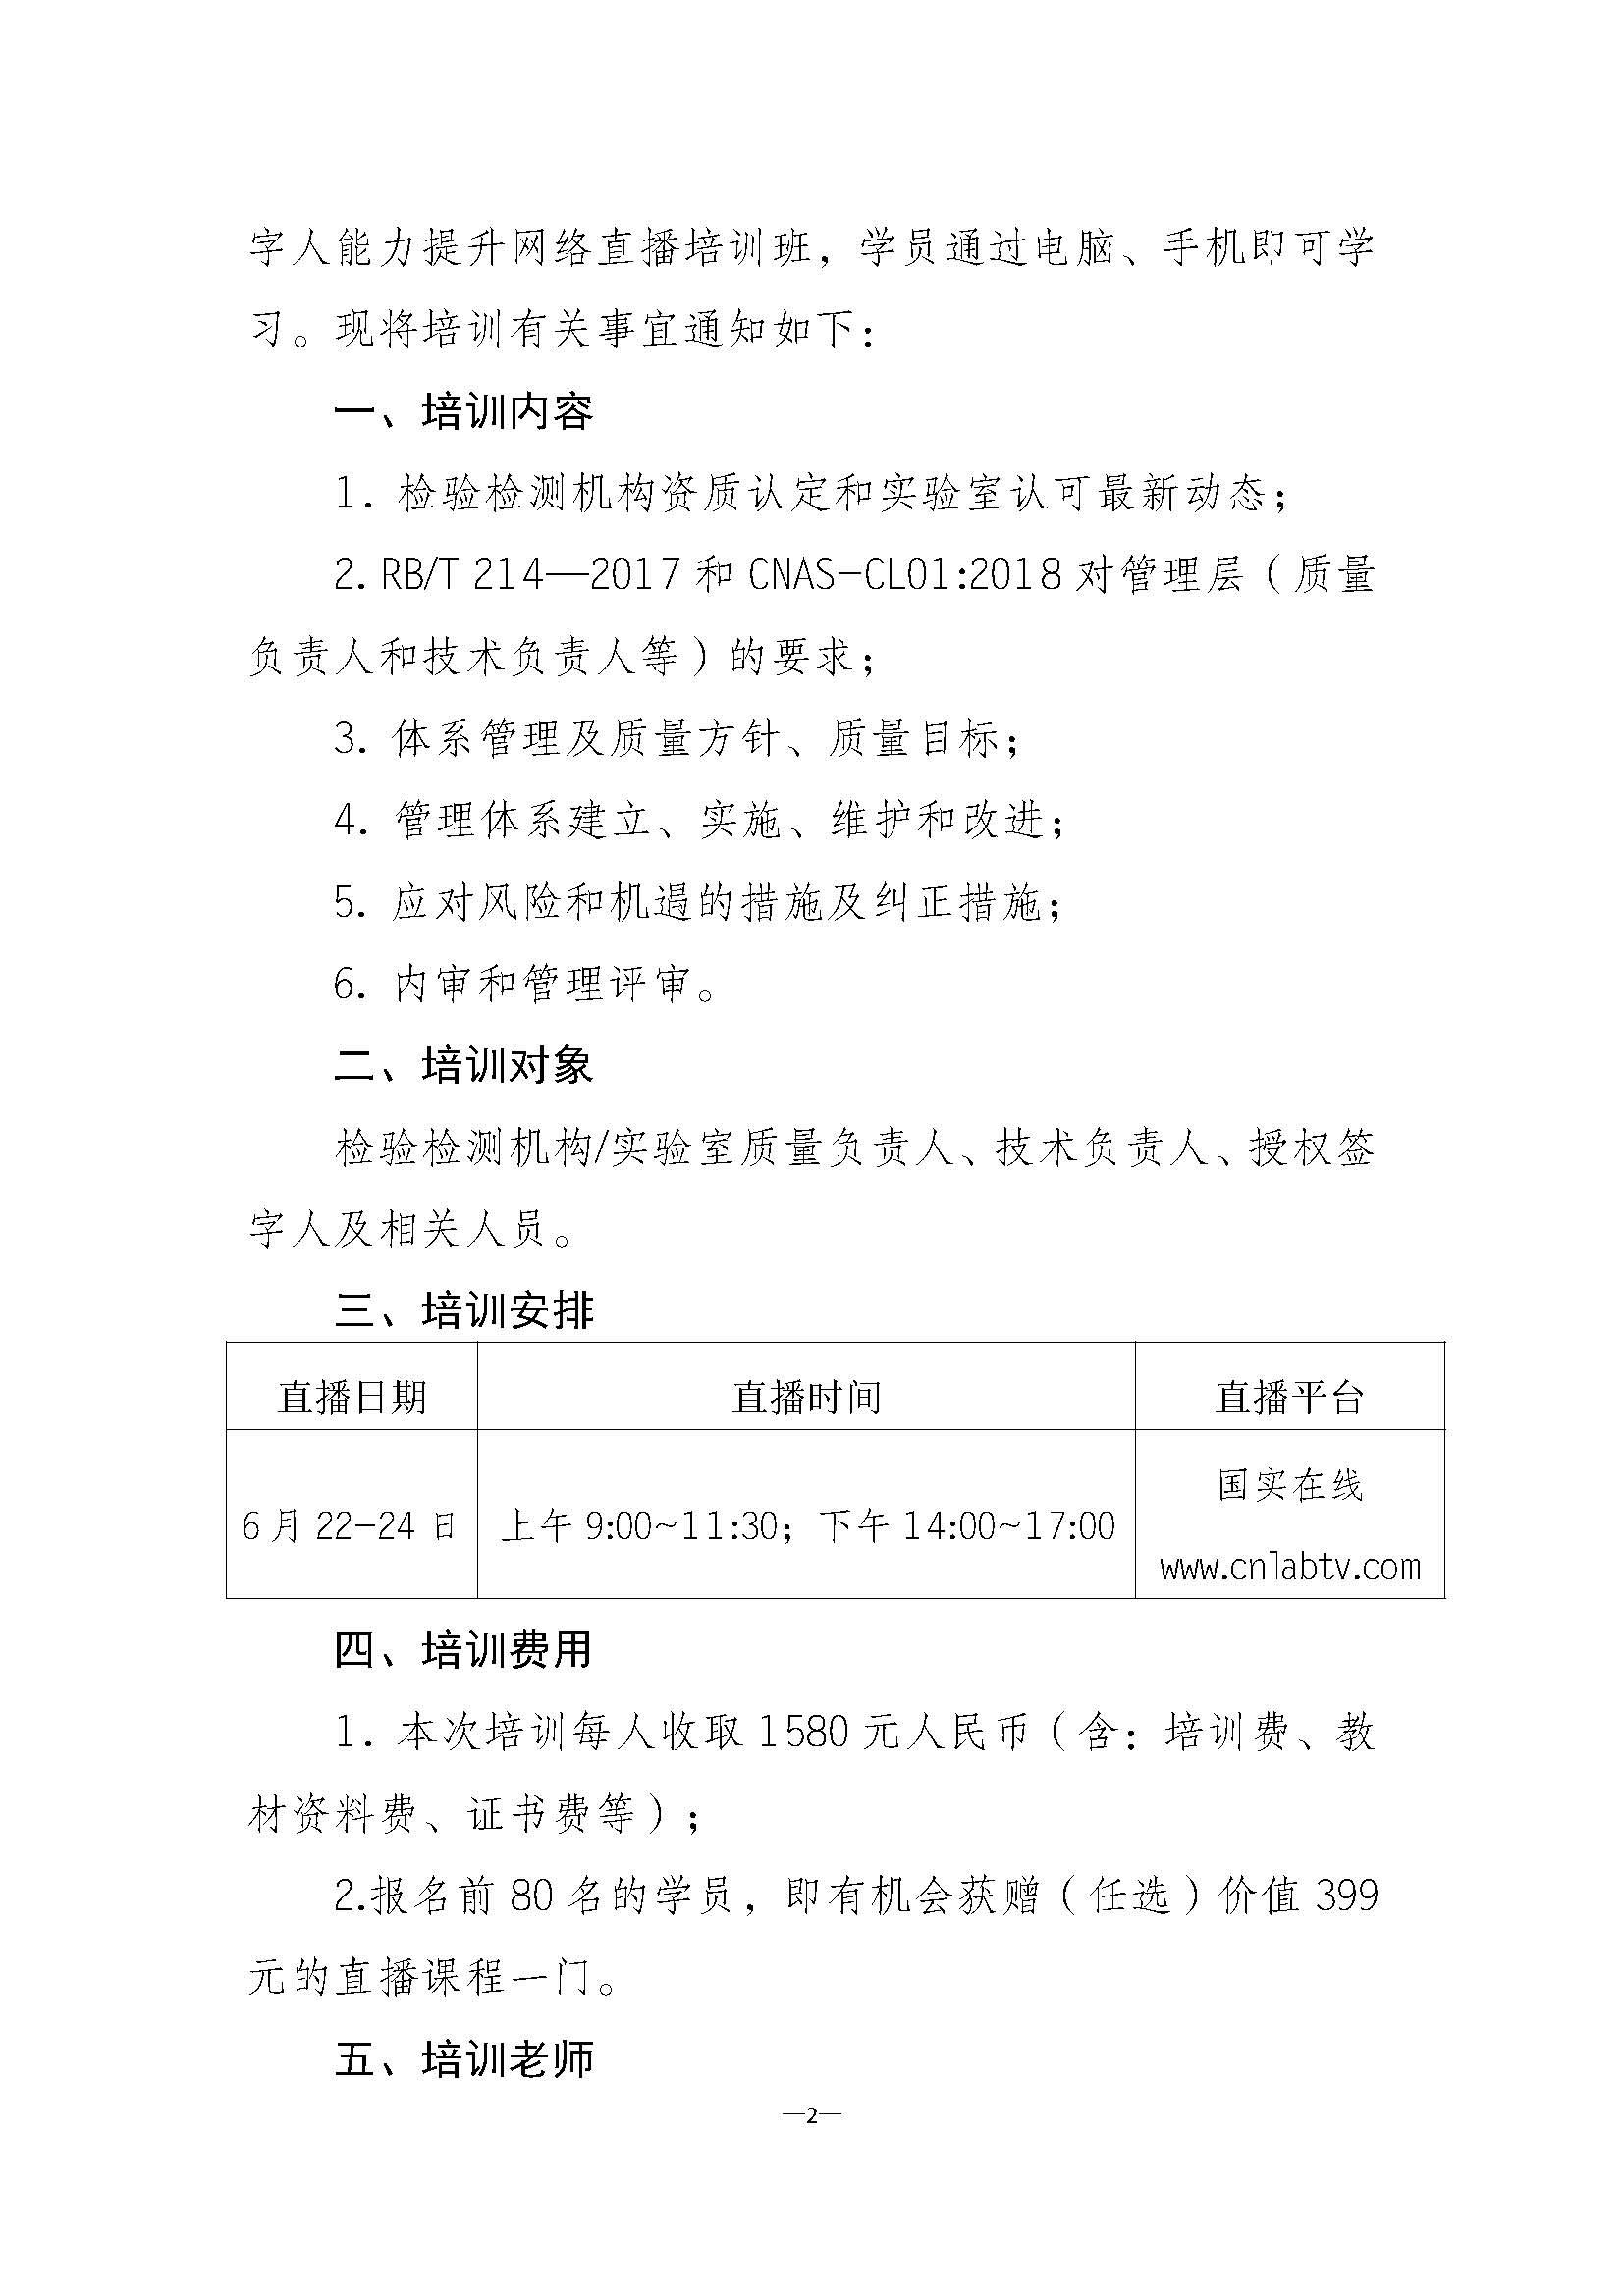 (6月22-24日黄涛)质量和技术负责人、授权签字人培训_页面_2.jpg